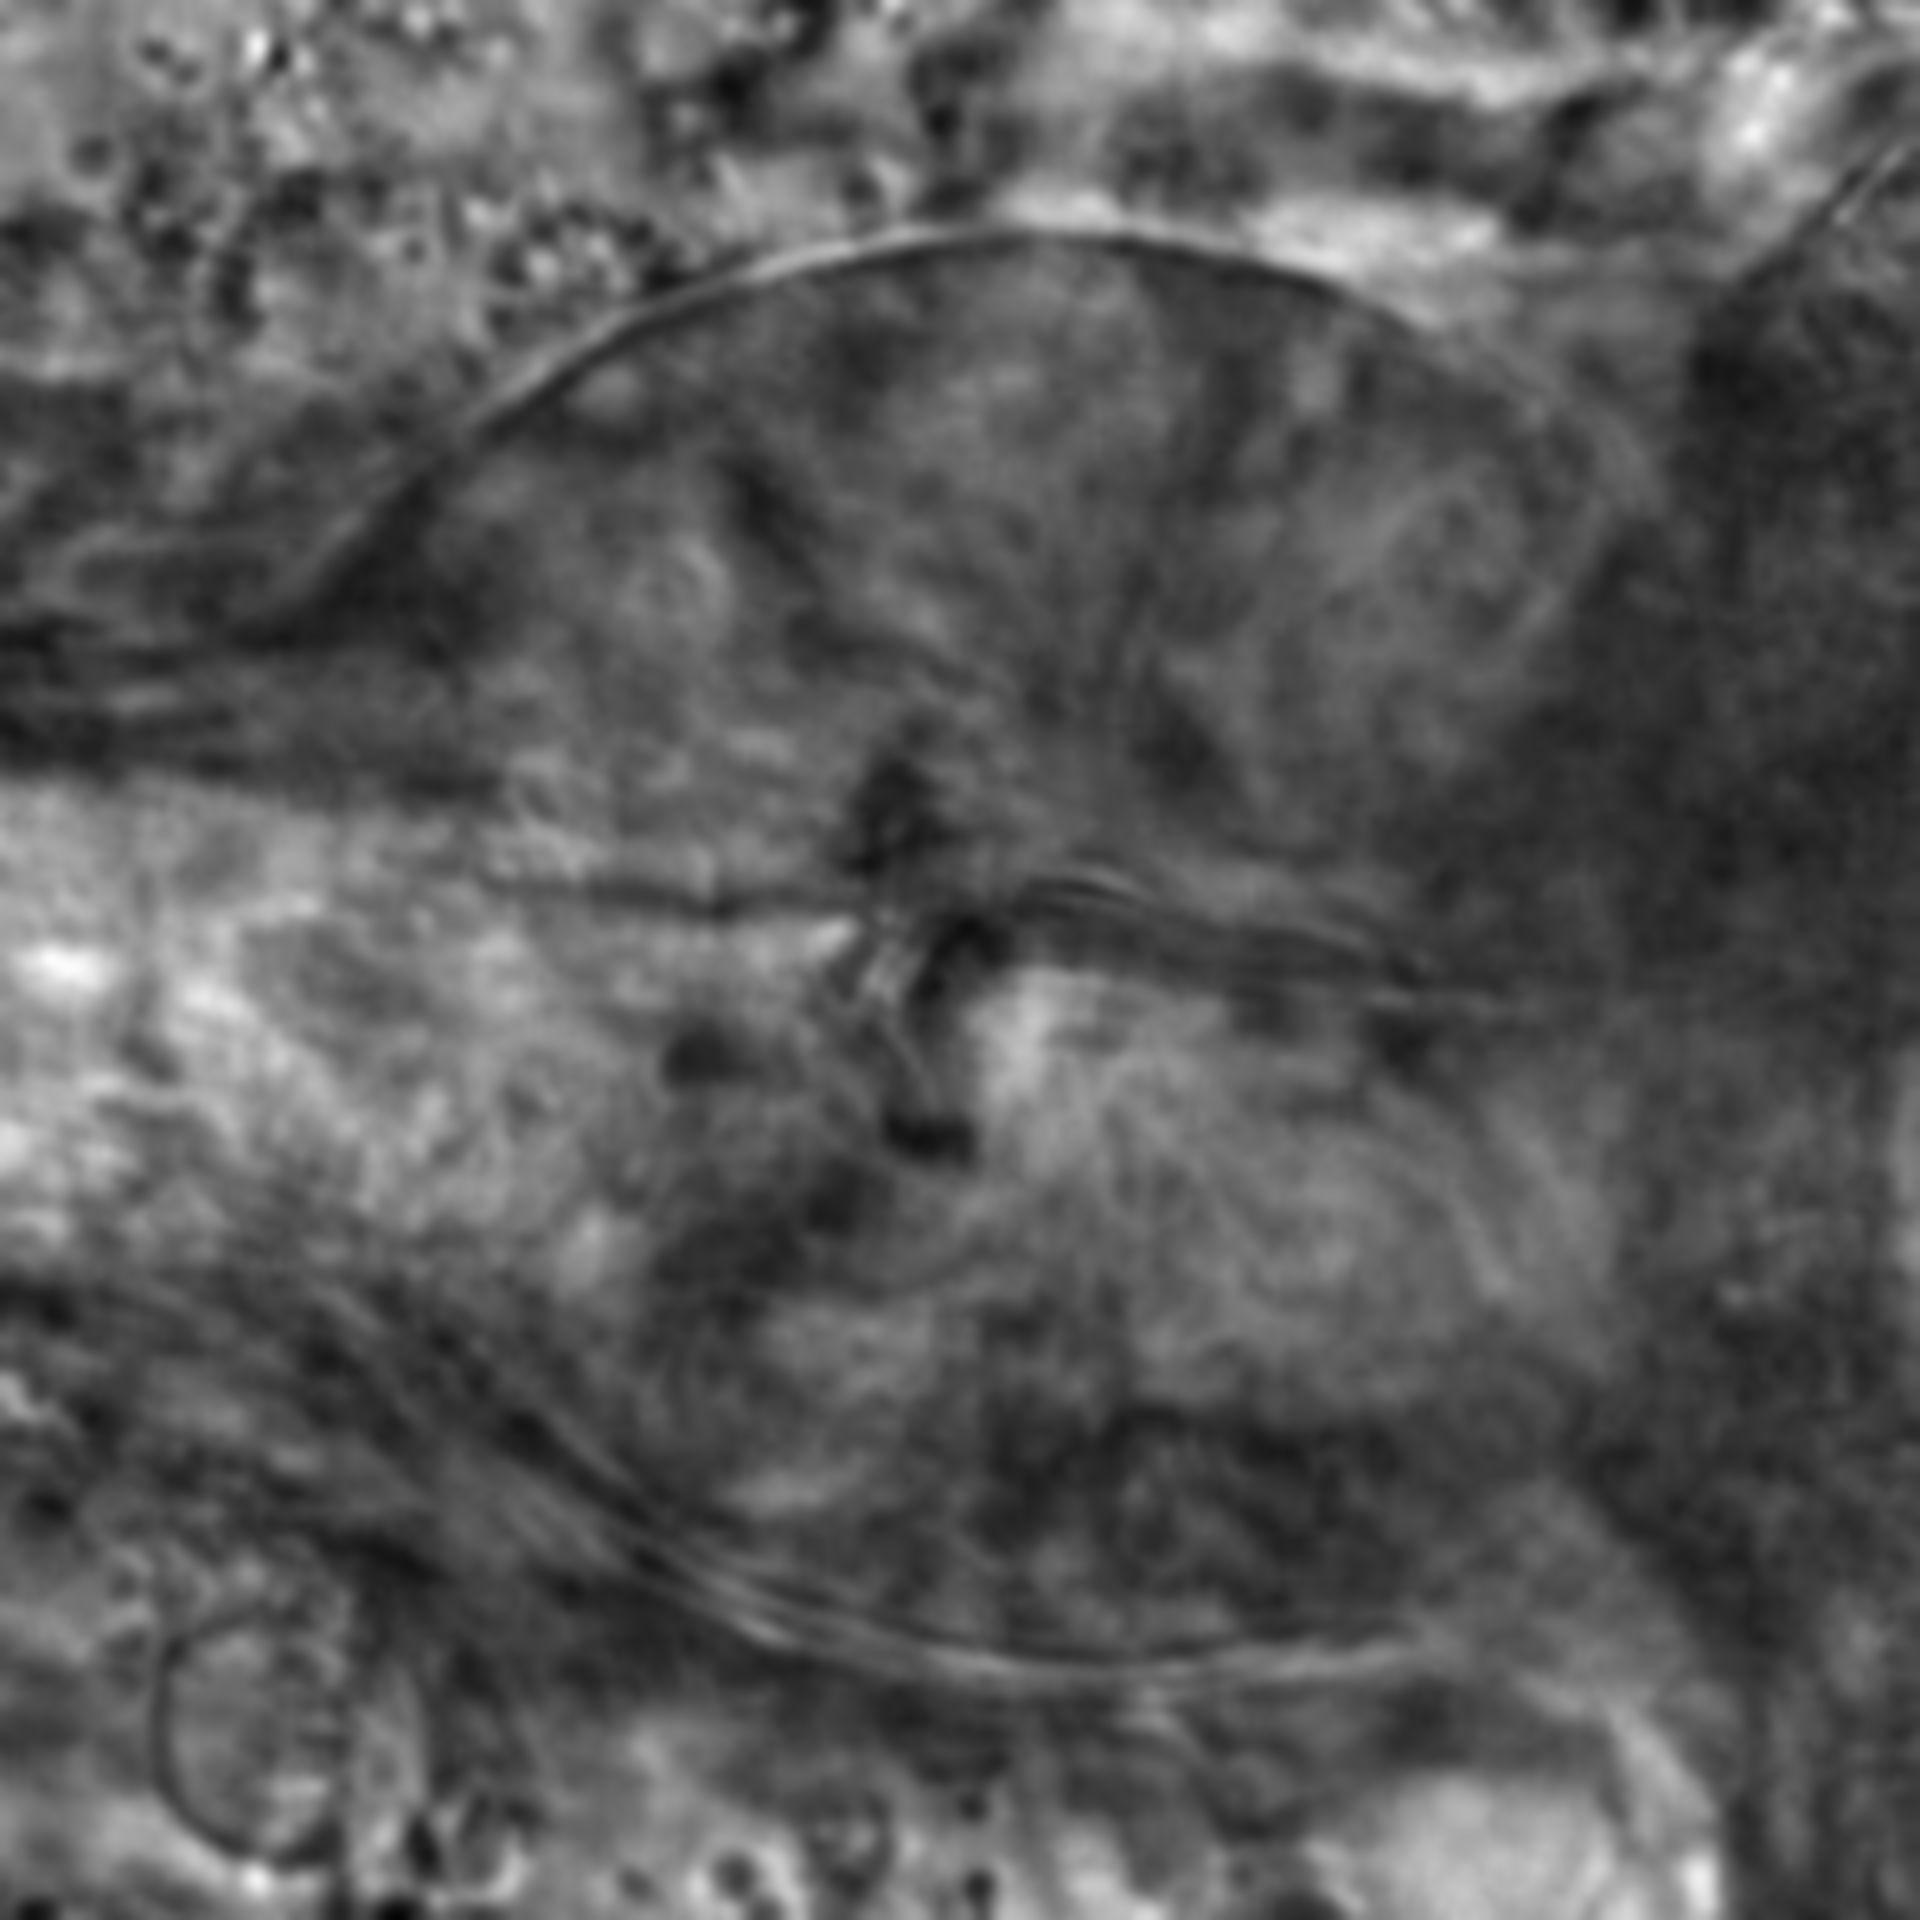 Caenorhabditis elegans - CIL:2146